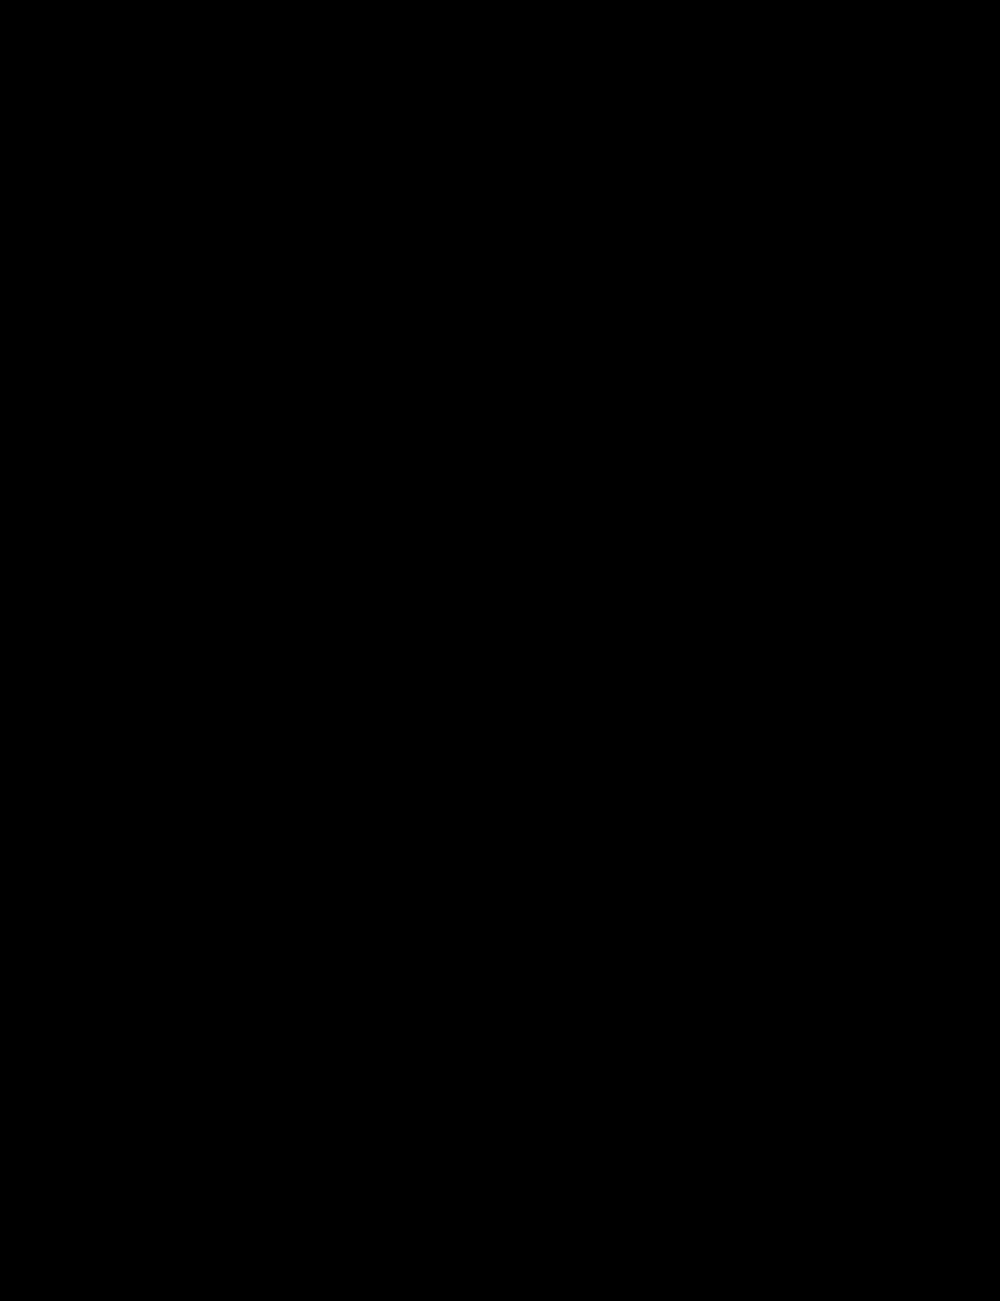 Le carré wavy